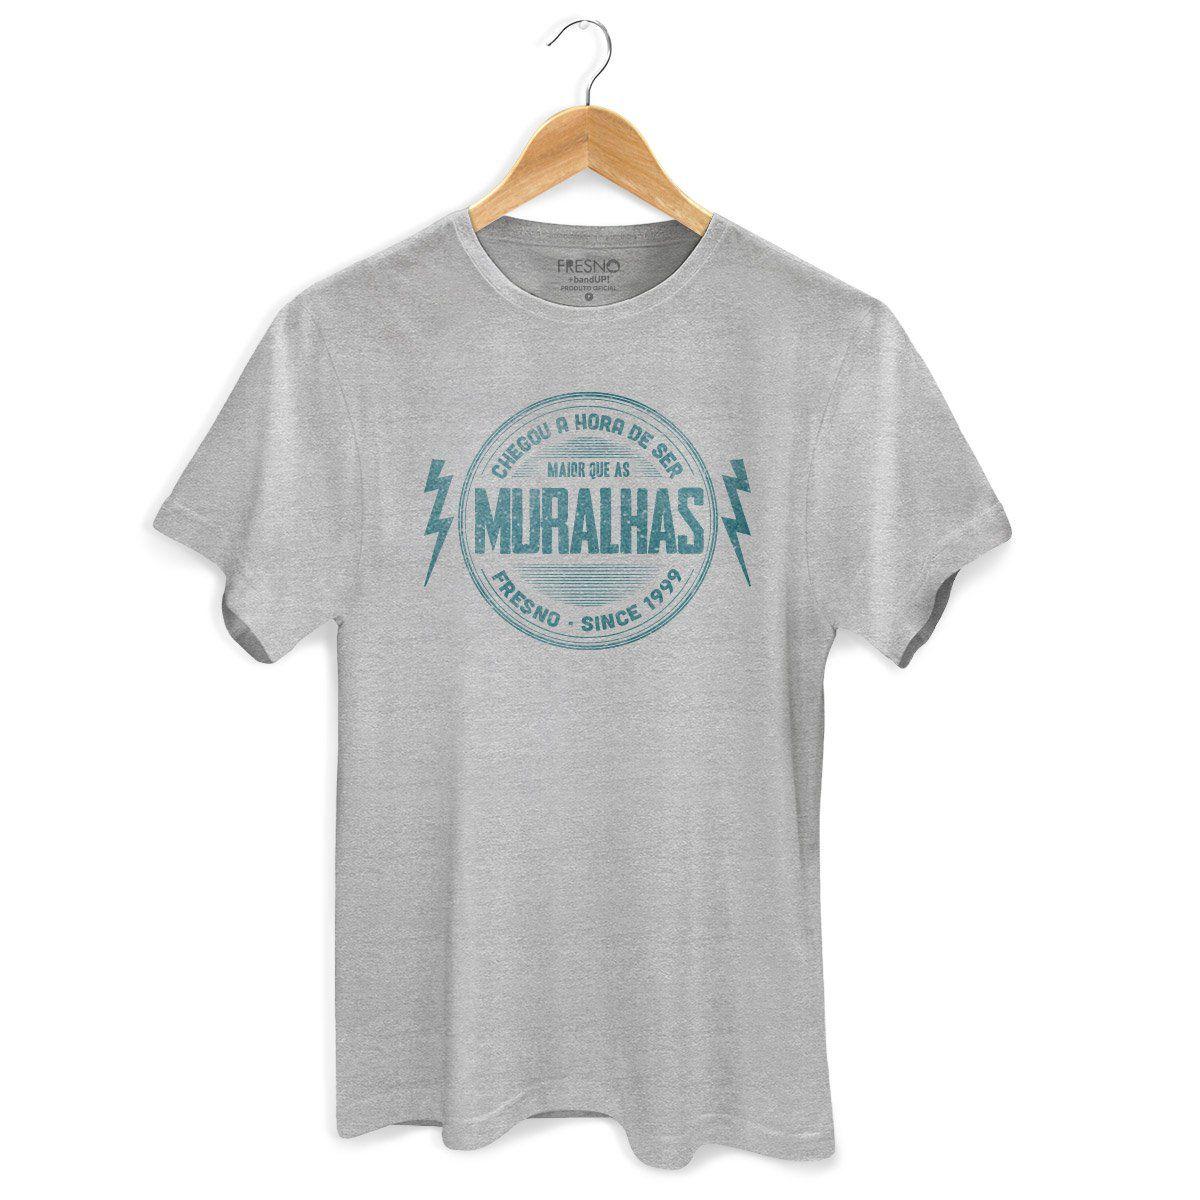 Camiseta Masculina Fresno - Since 1999